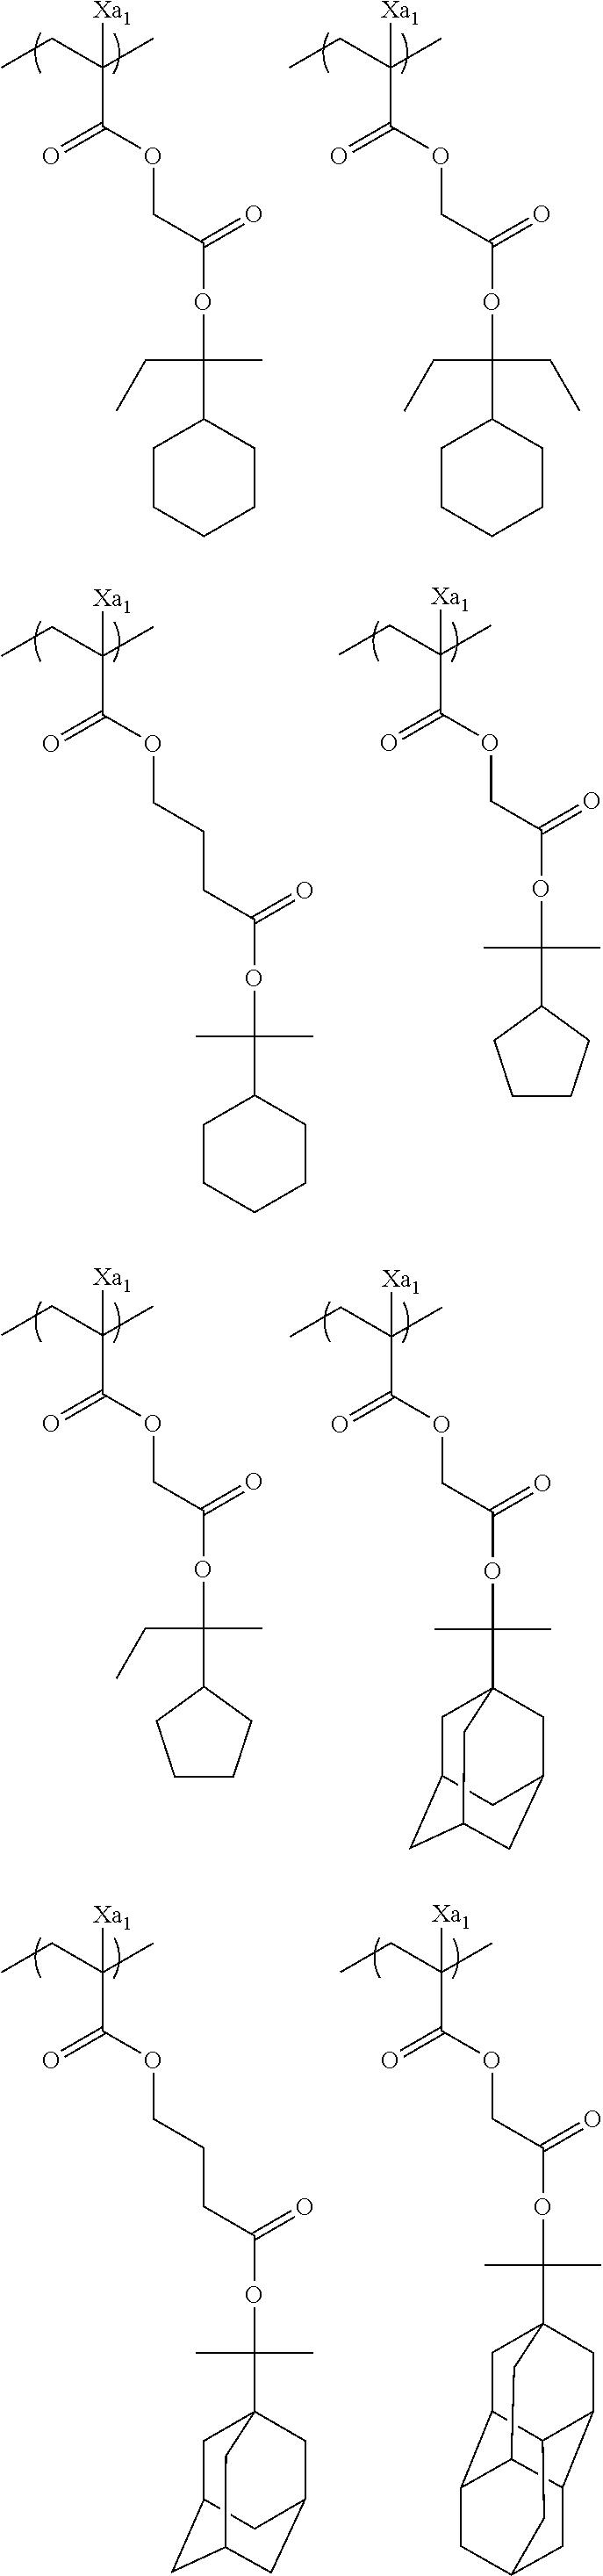 Figure US20110183258A1-20110728-C00036